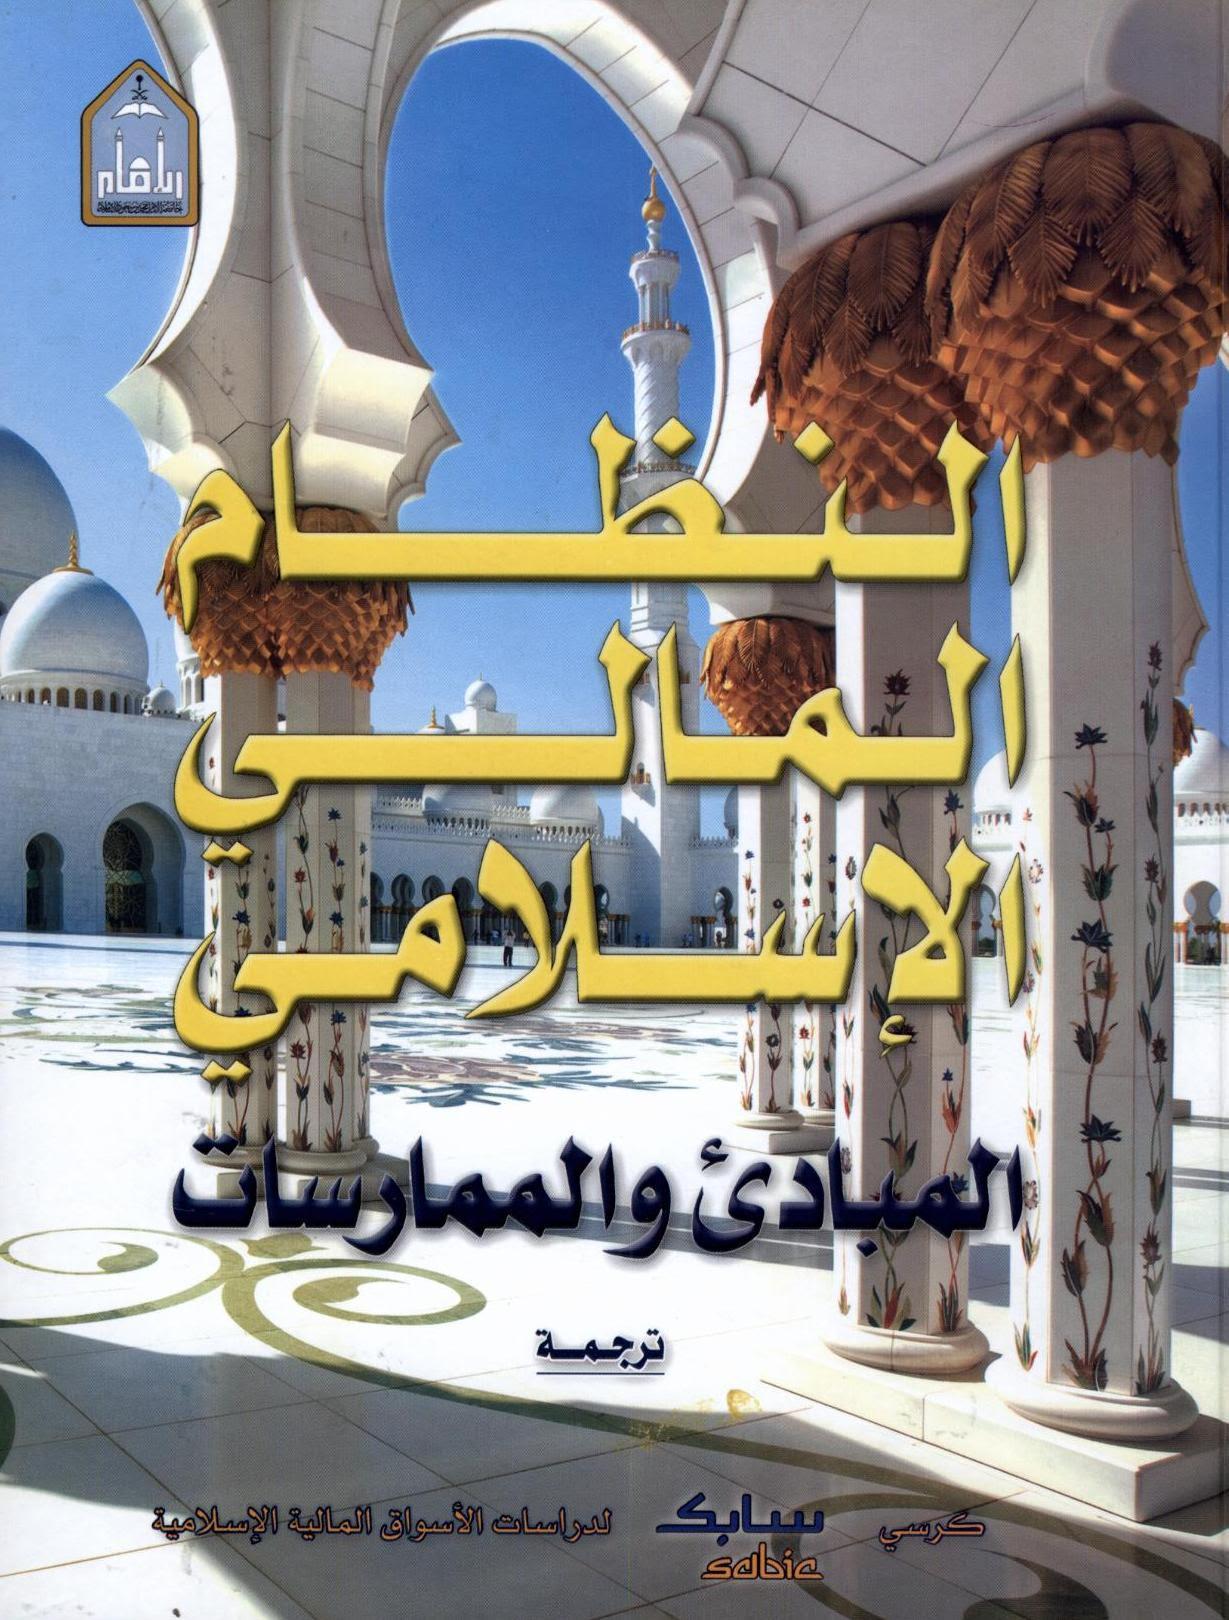 الفائزين-بجائزة-الملك-عبدالله (1)